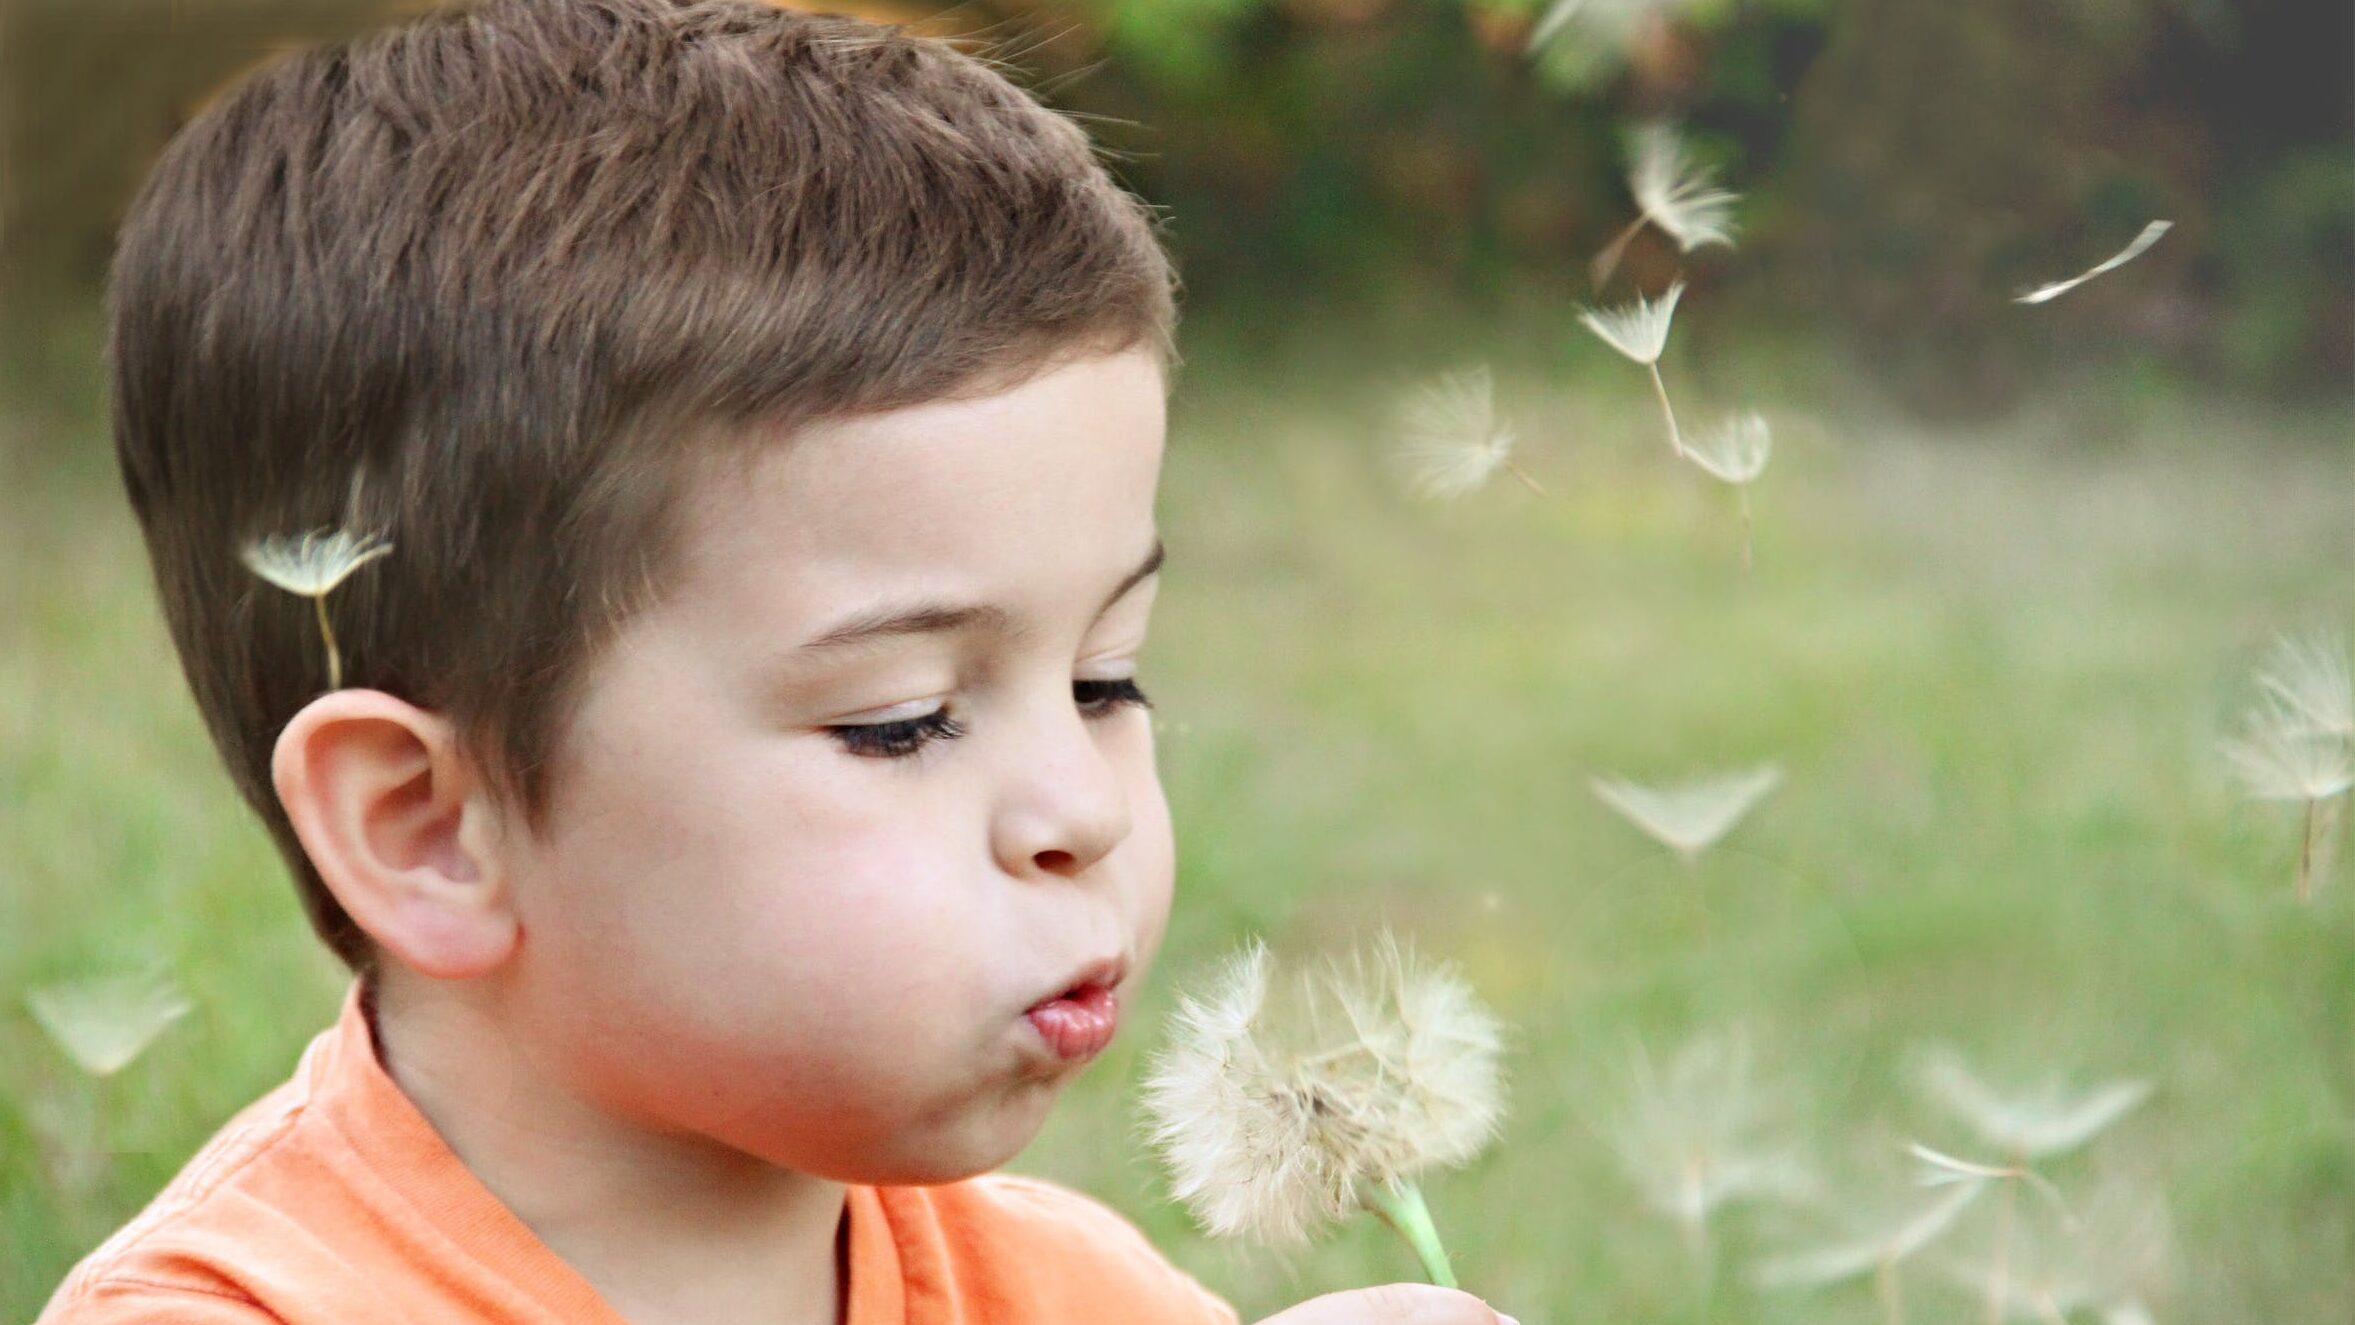 子供のいいところのイメージ画像2